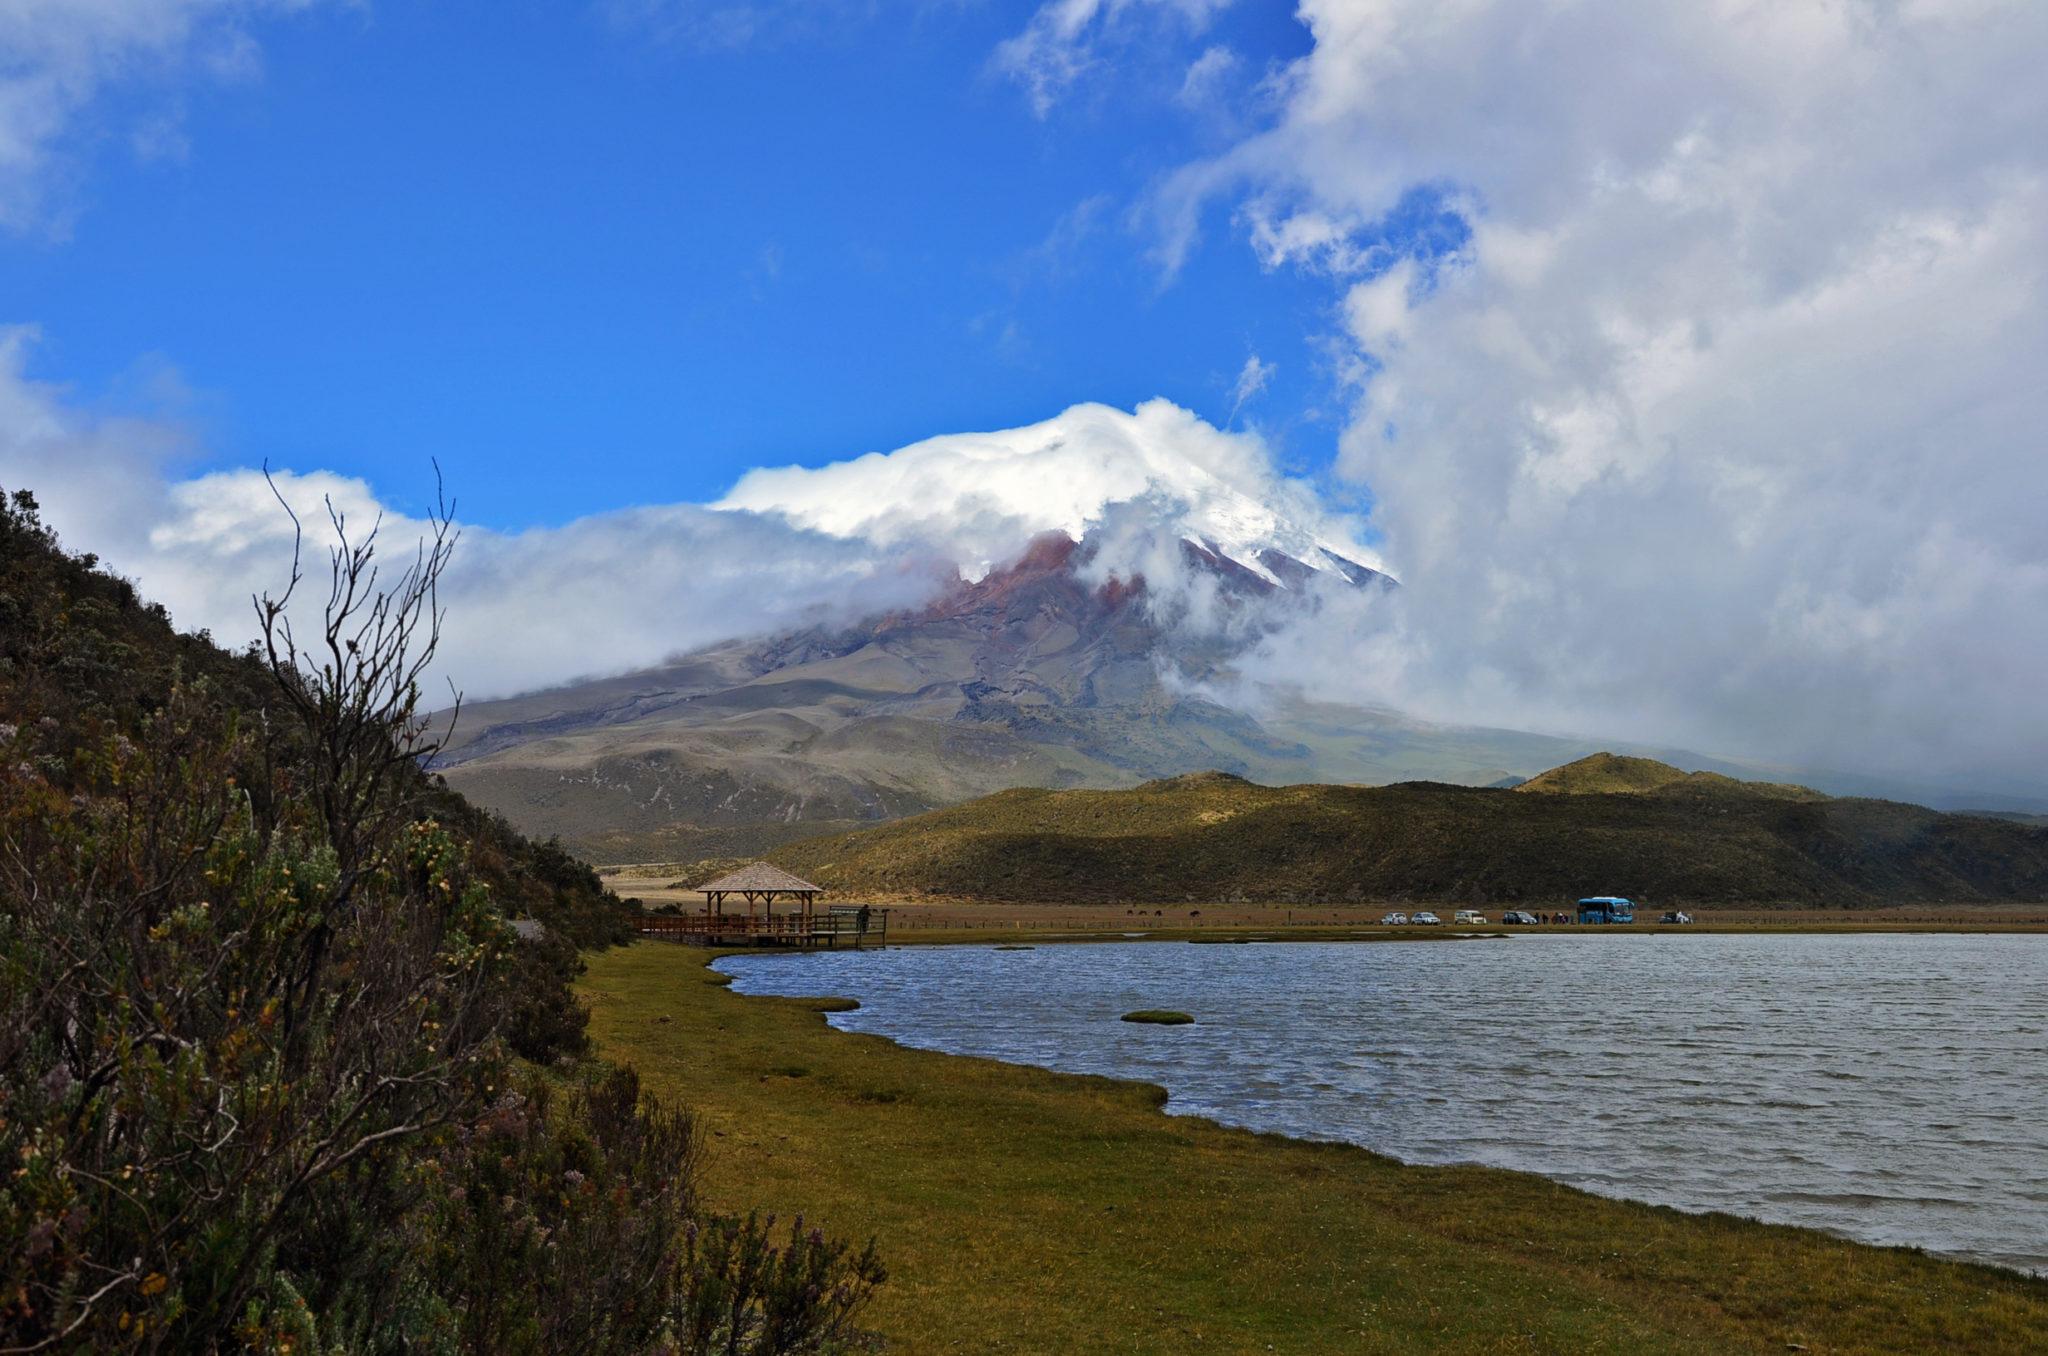 Sehenswuerdigkeiten-Ecuador-Vulkan-Cotopaxi